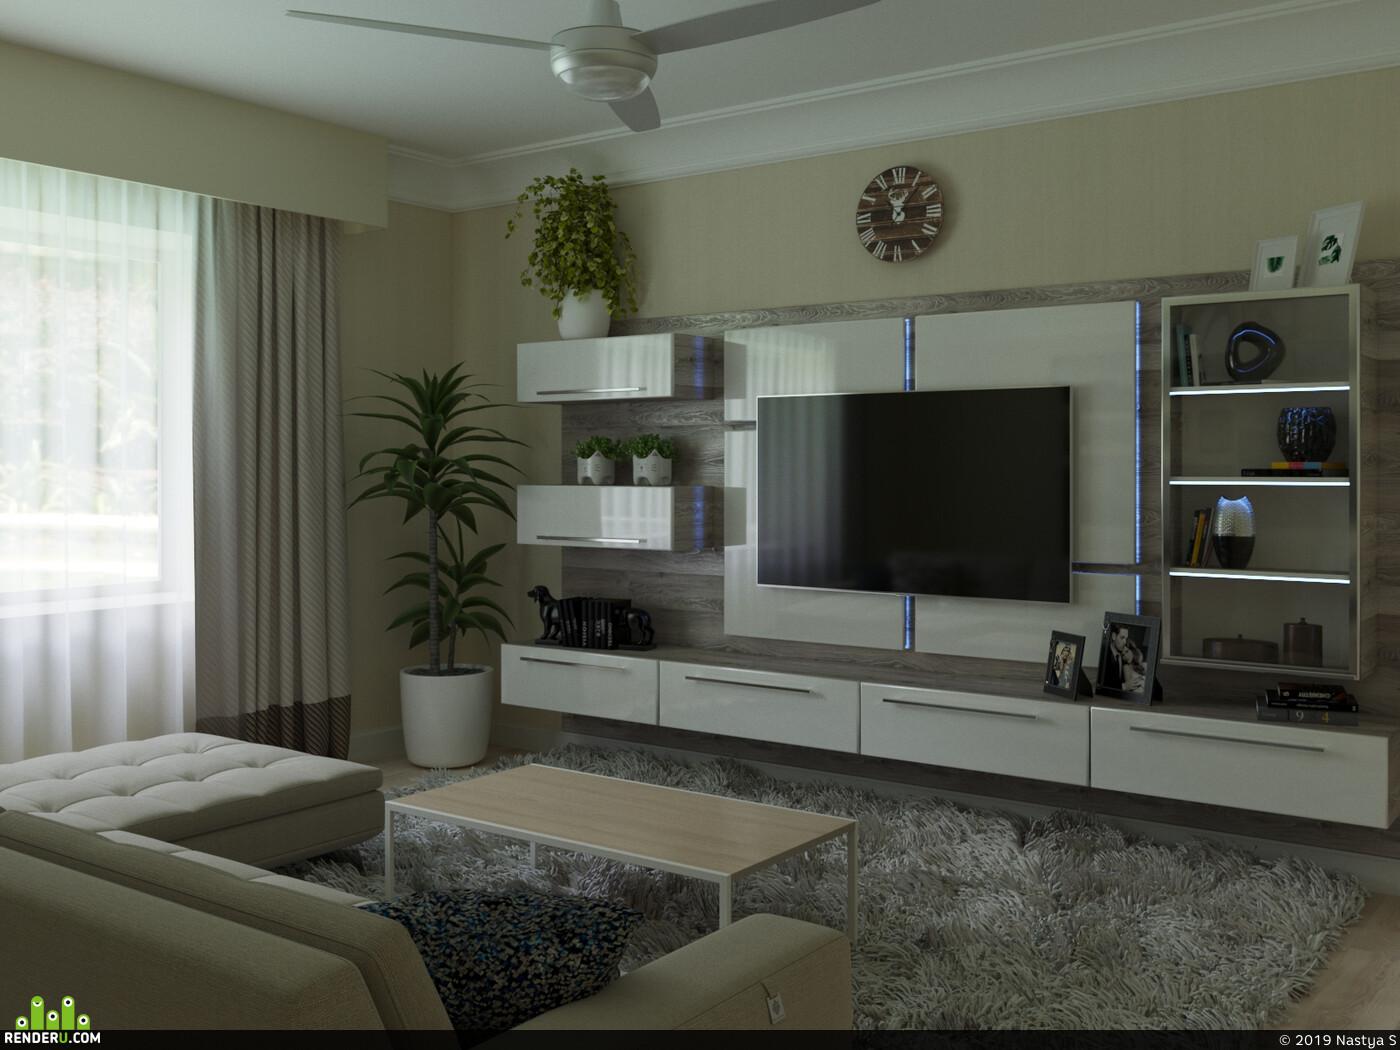 3D Studio Max, Corona Renderer